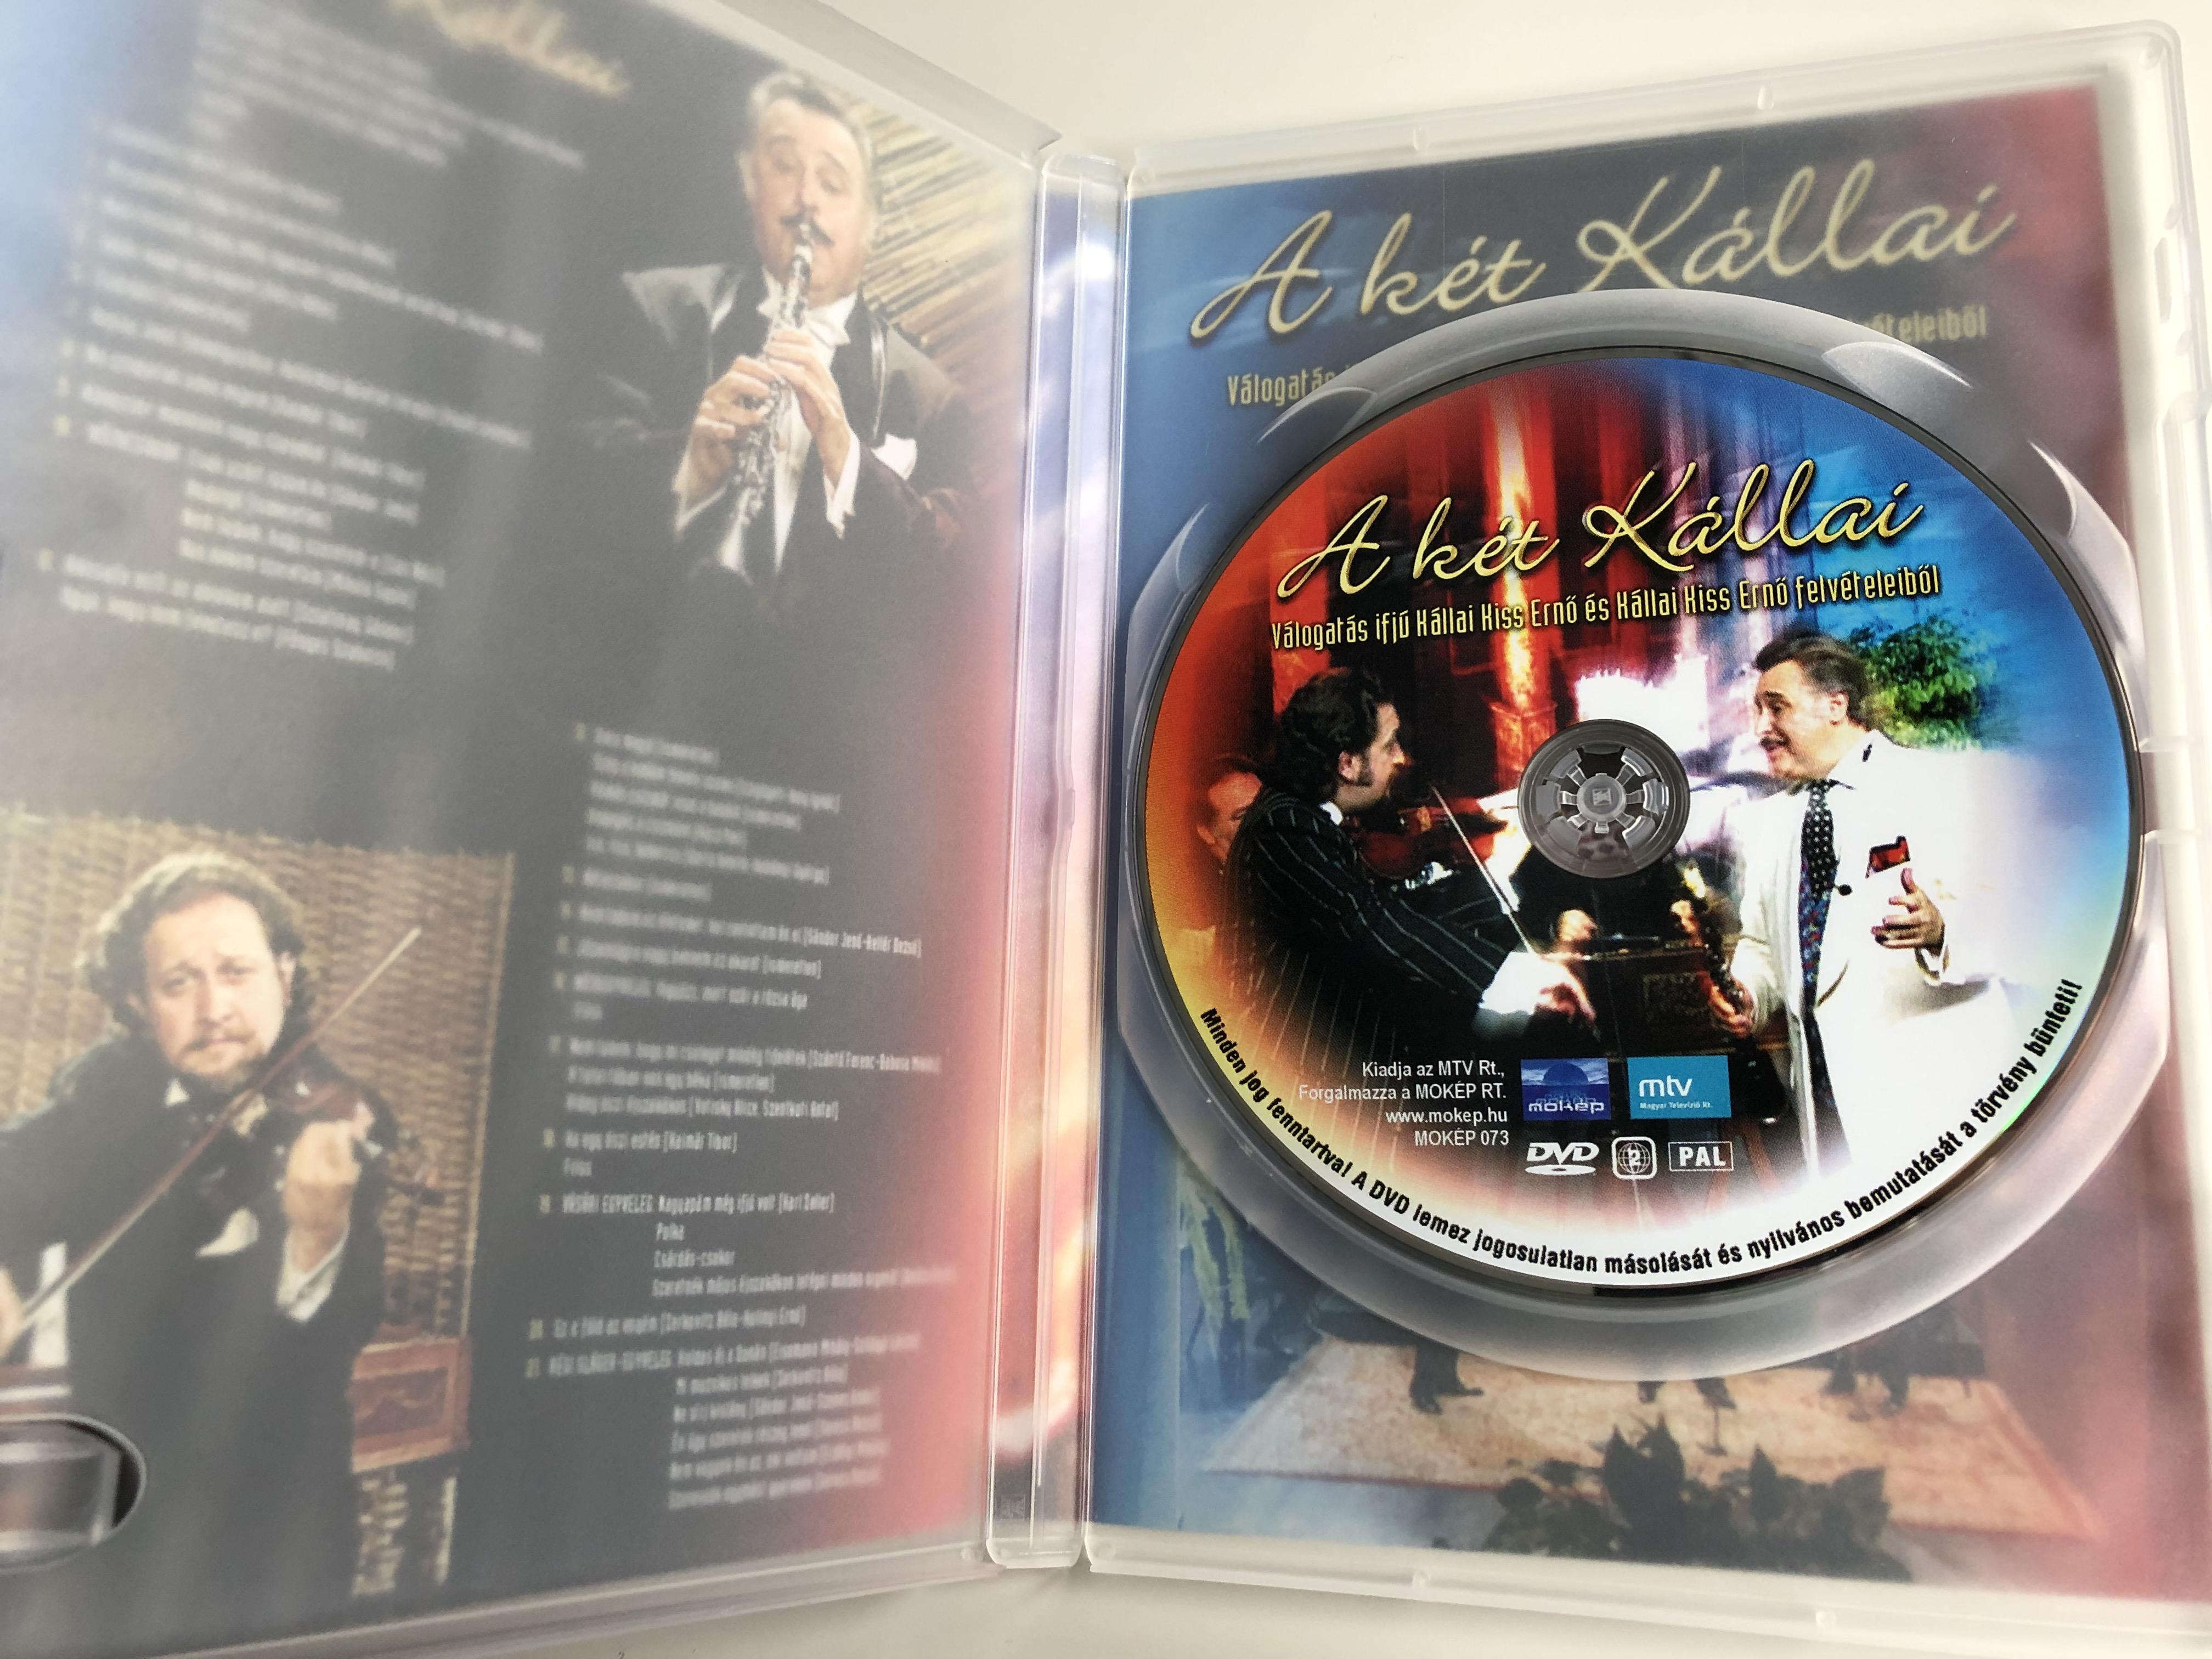 -a-k-t-k-llai-dvd-v-logat-s-ifj-k-llai-kiss-ern-s-k-llai-kiss-ern-felv-teleib-l-artists-ga-l-gabriella-kov-cs-apoll-nia-k-llay-bori-k-llai-kiss-ern-ifj.-k-llai-kiss-ern-2-.jpg